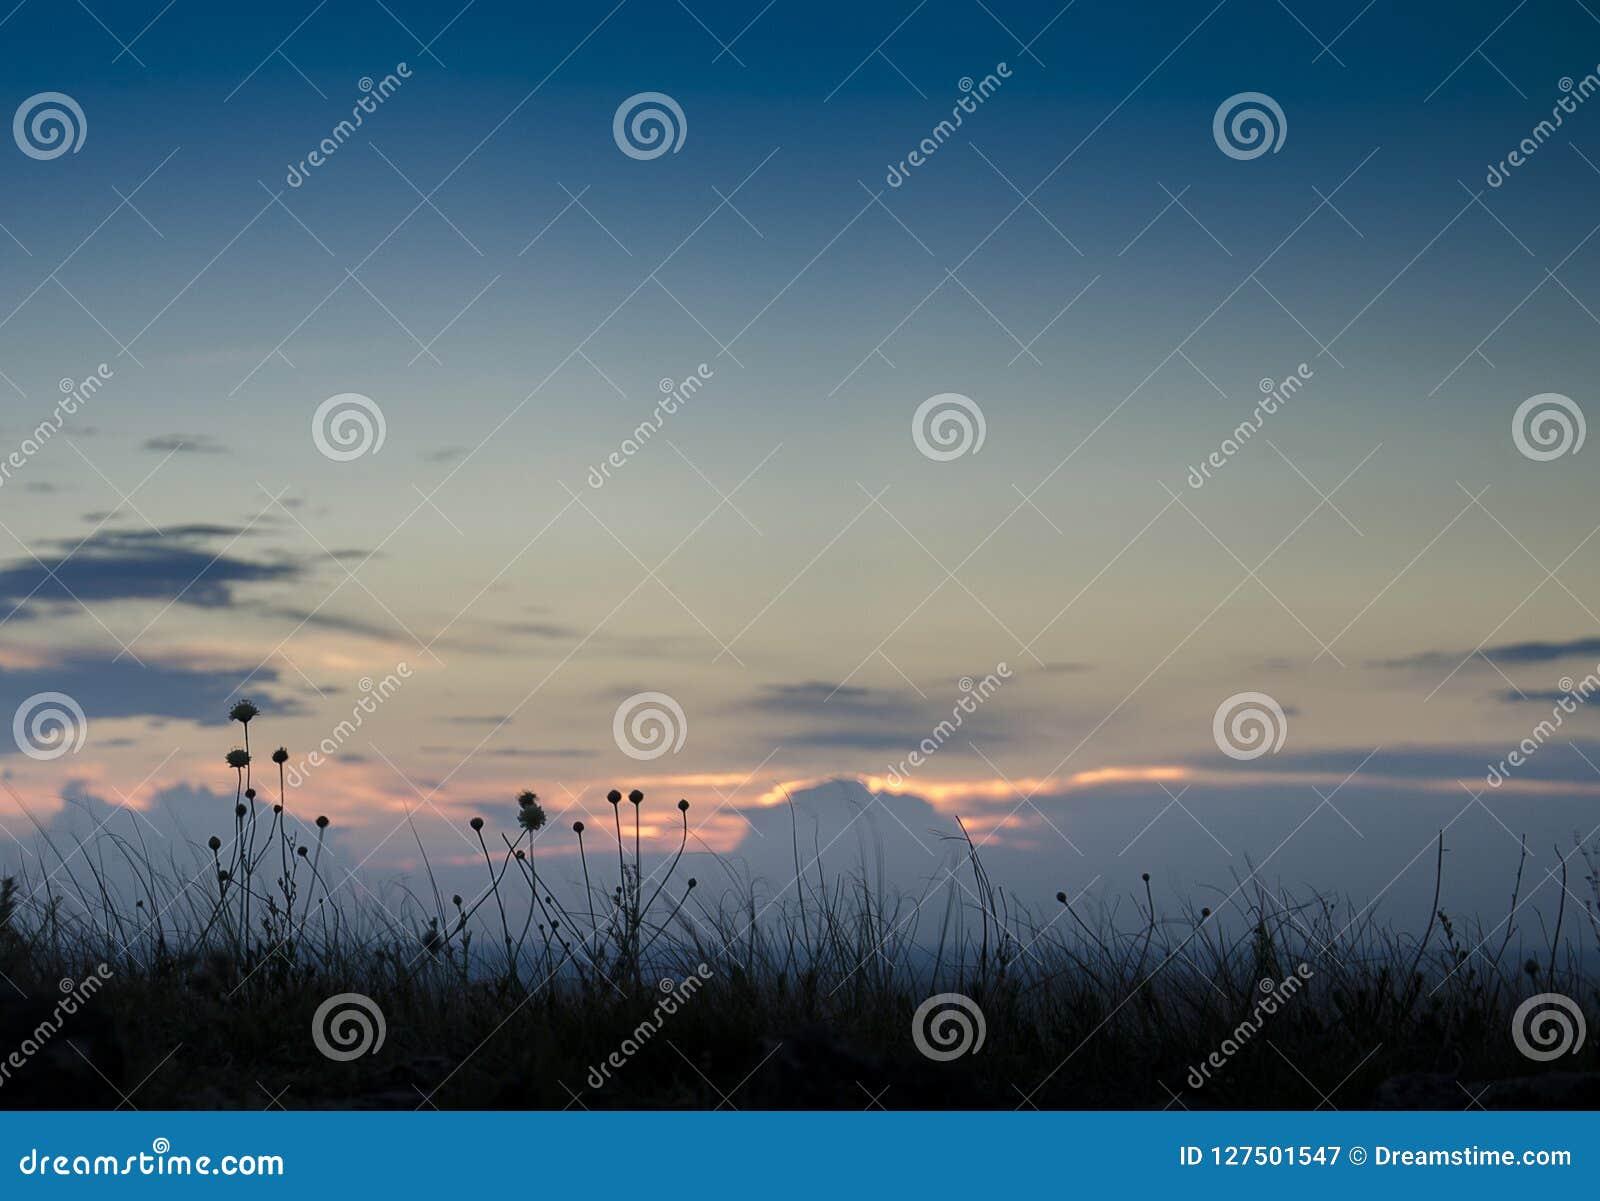 La Russia Tramonto di estate in natura Tramonto fantastico sopra un lago vicino ad un prato verde